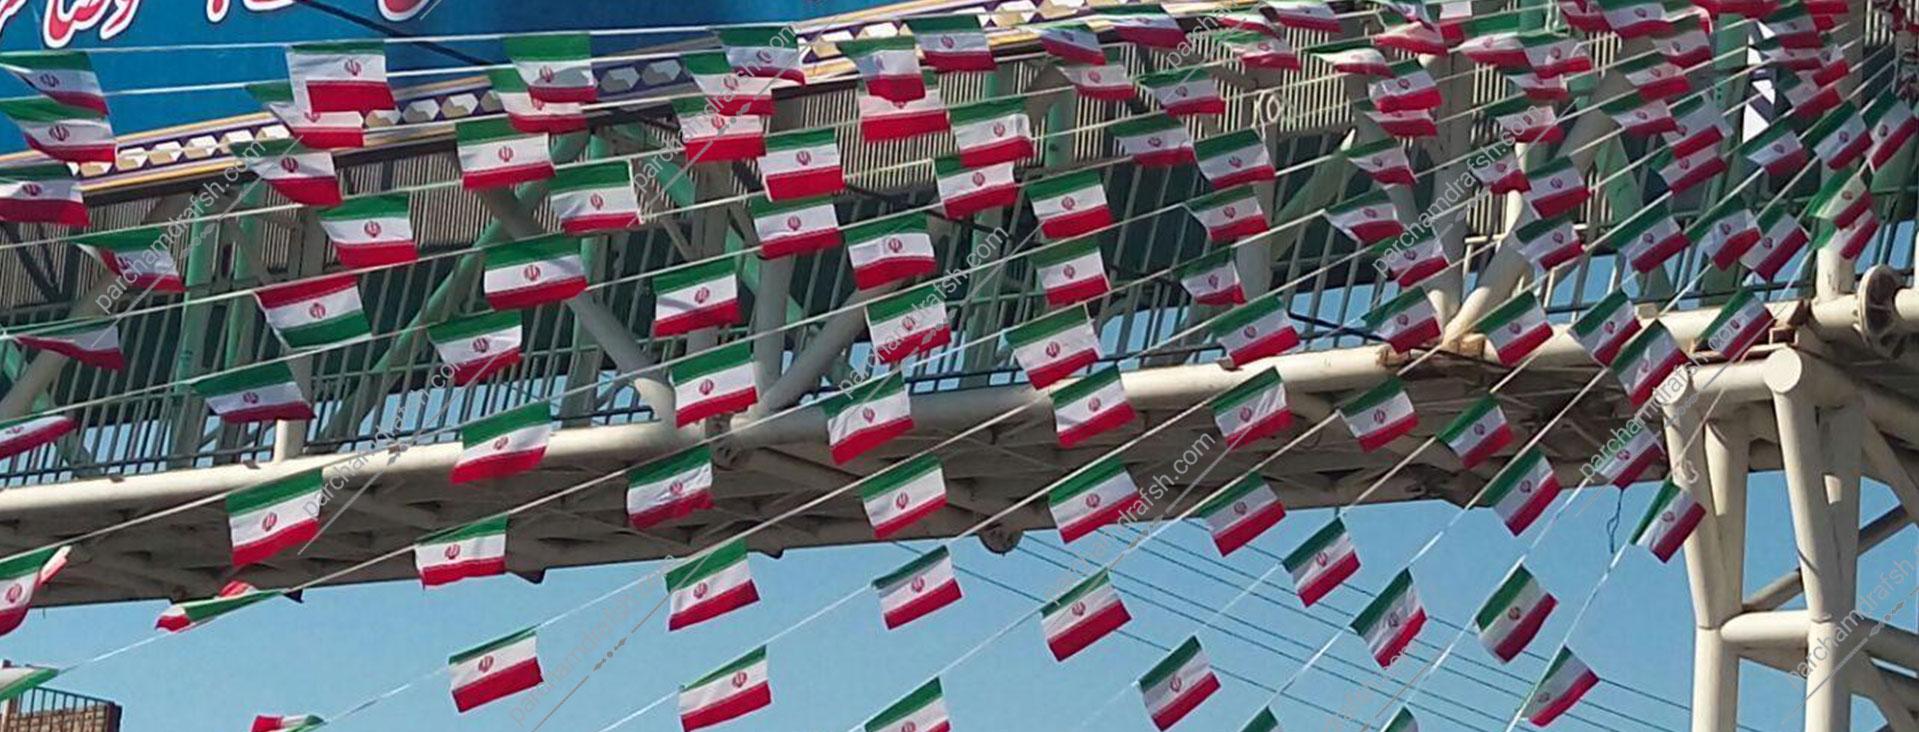 ریسه پرچم ایران